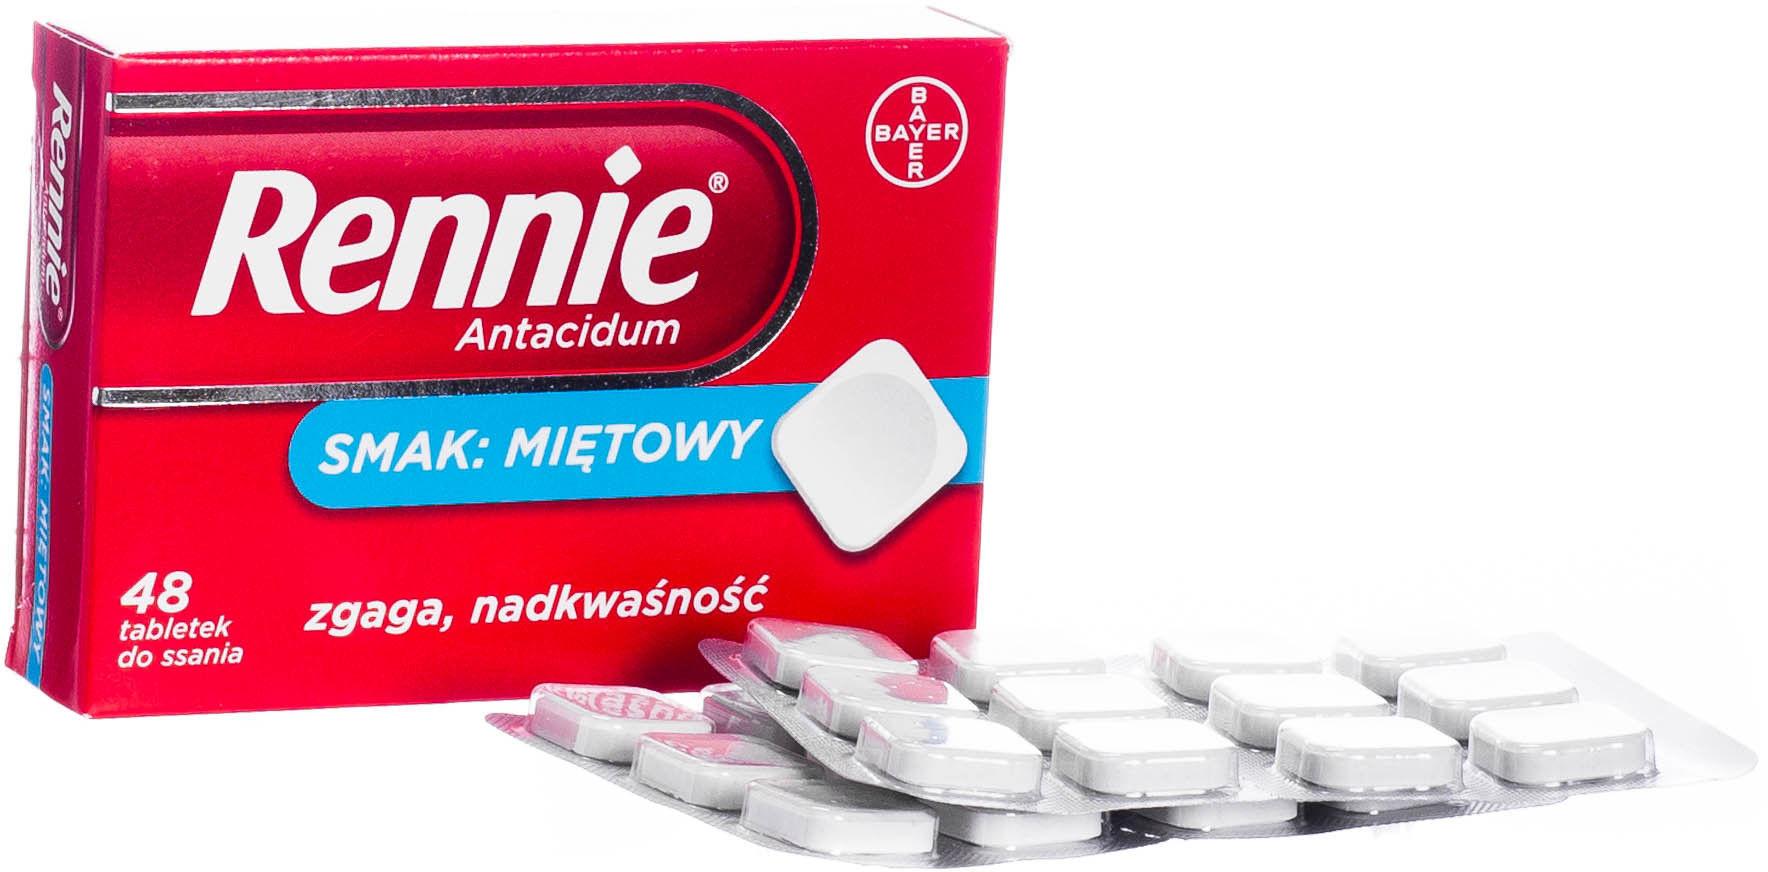 Rennie Antacidum Zgaga i nadkwaśność, 48 tabletek do ssania